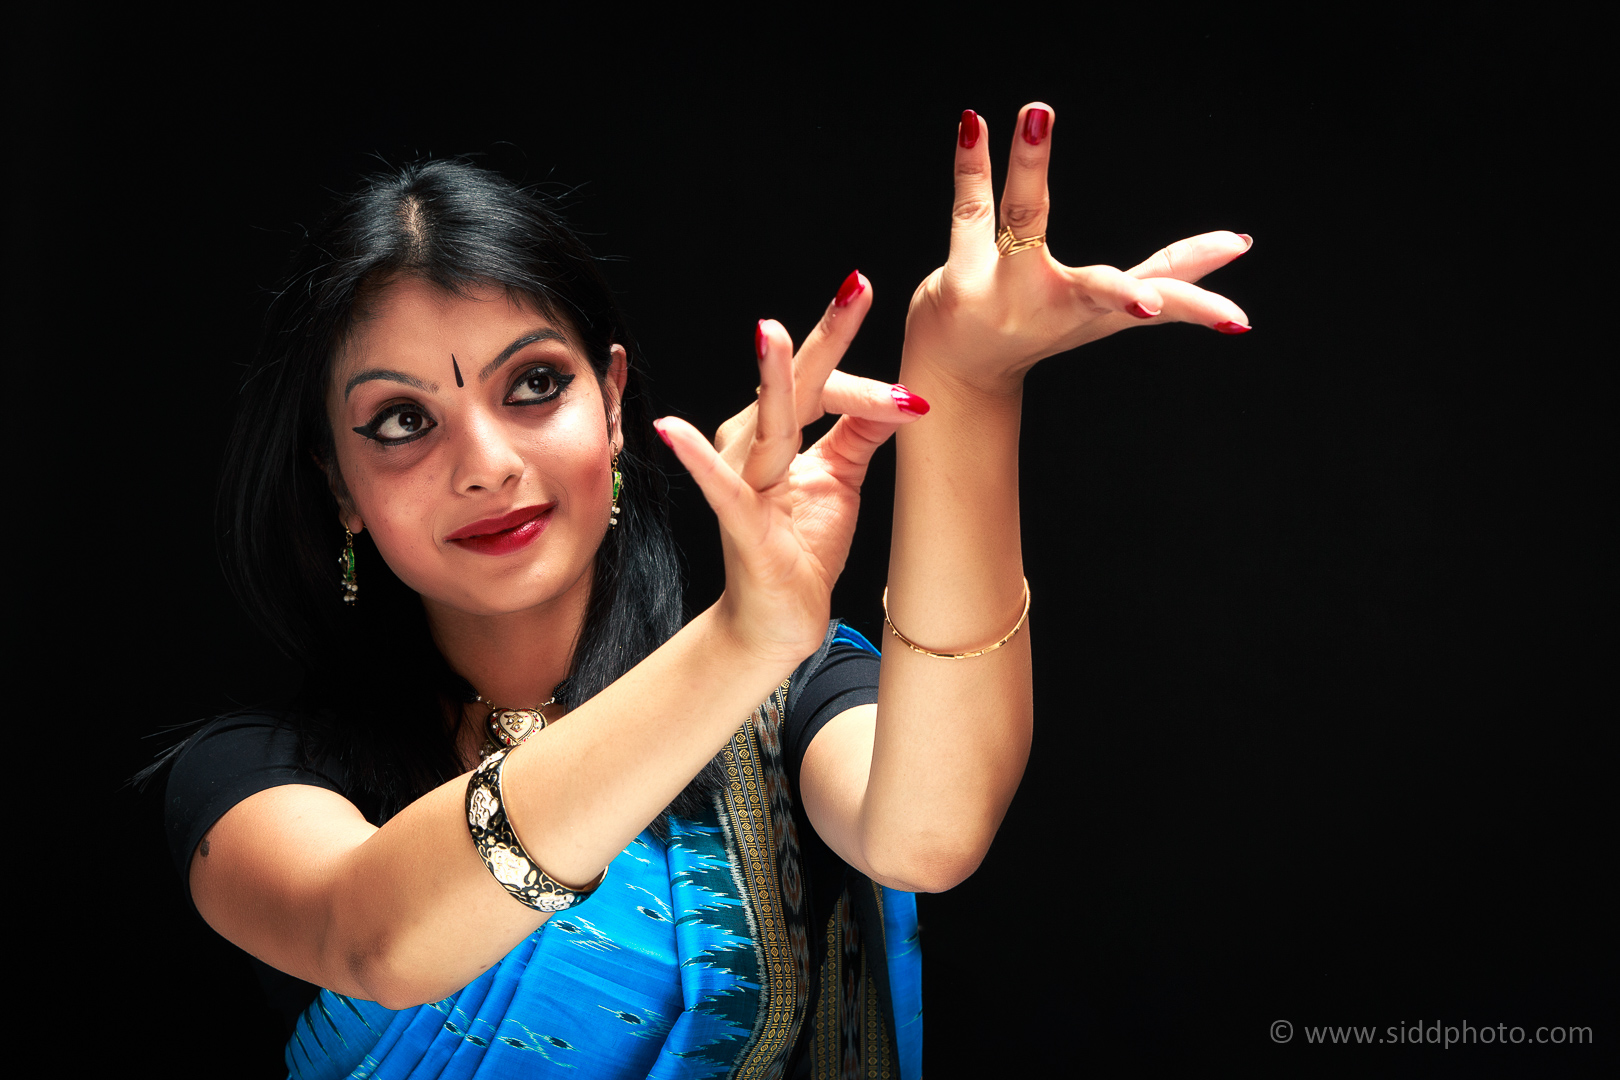 2012-09-28 - Anwesha's Photoshoot - _O5C8302-02